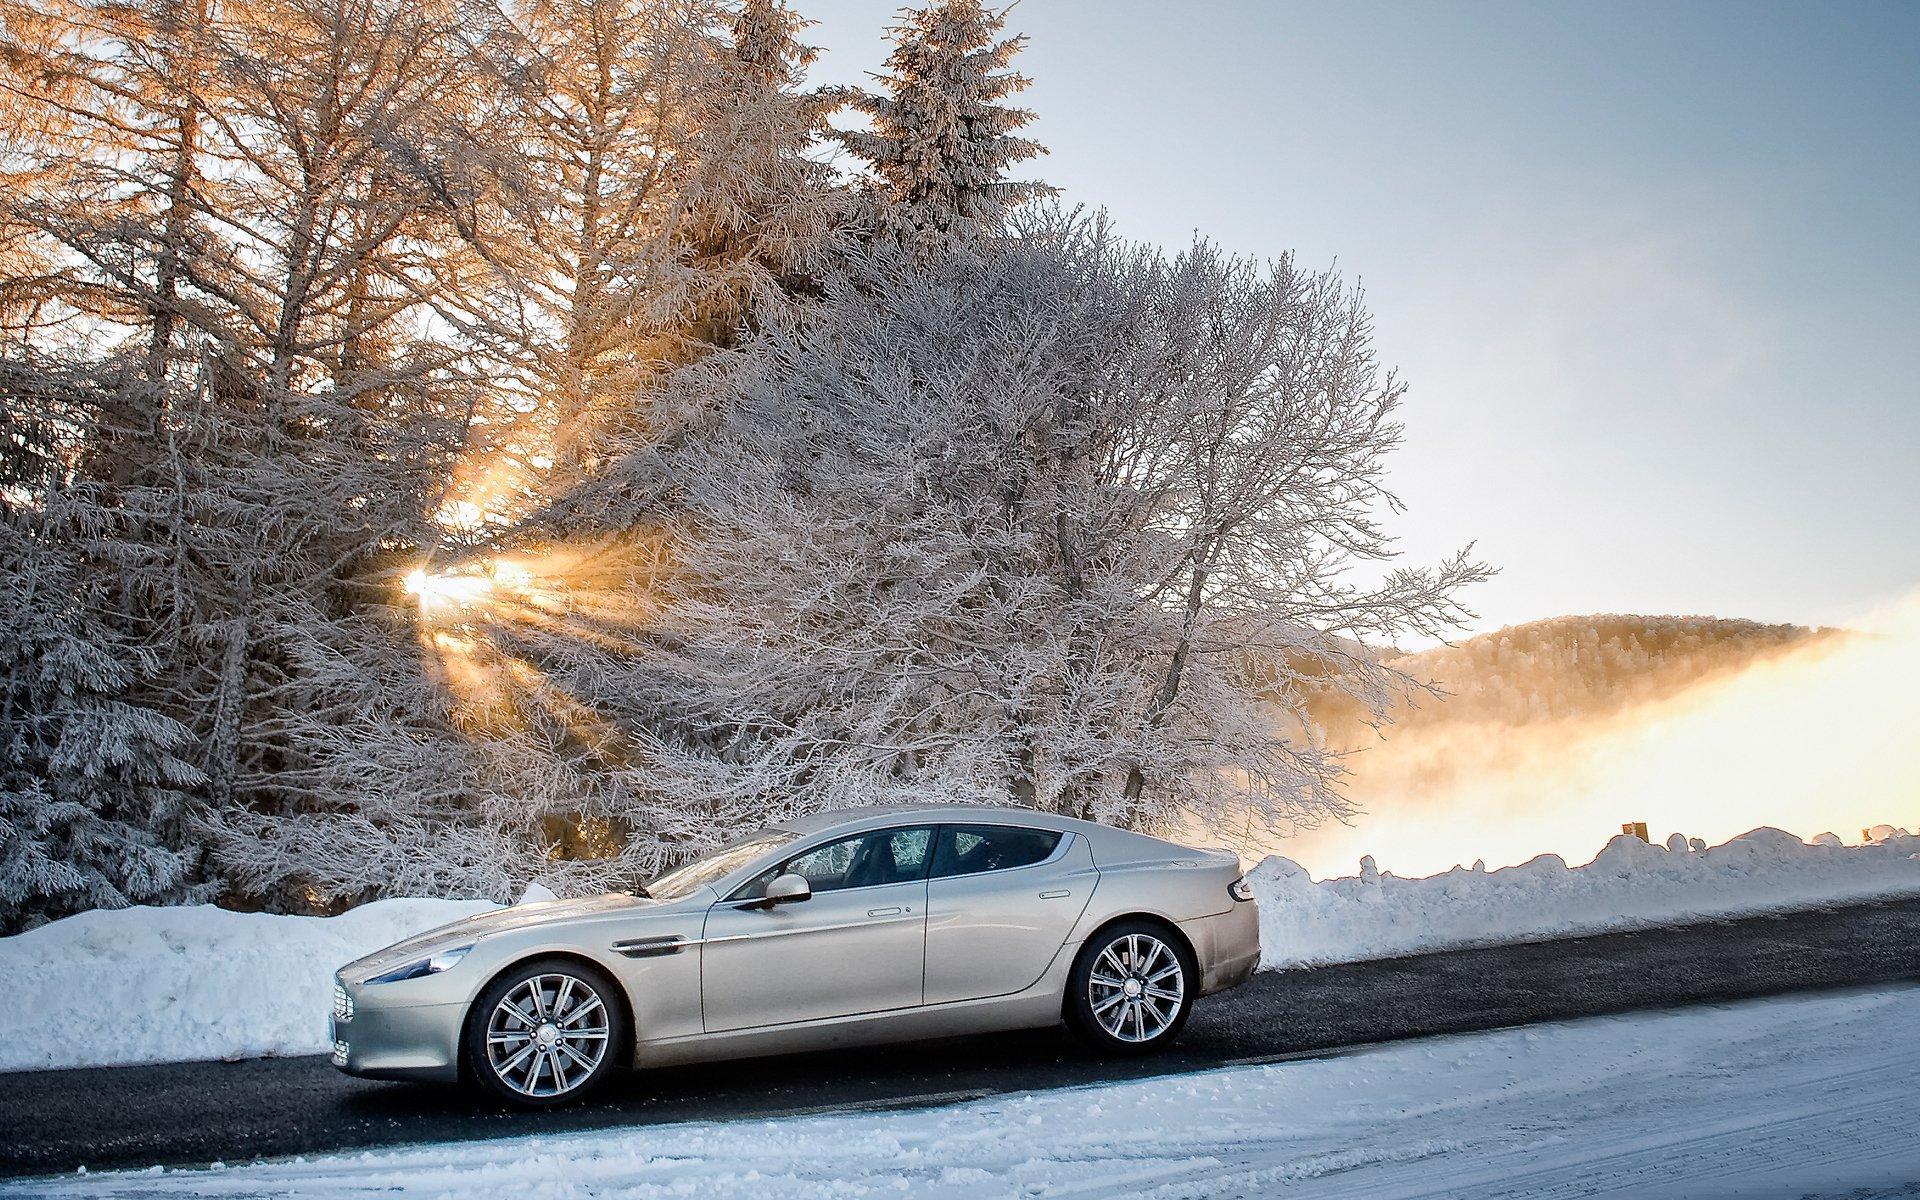 Aston martin на пустынной дороге загрузить